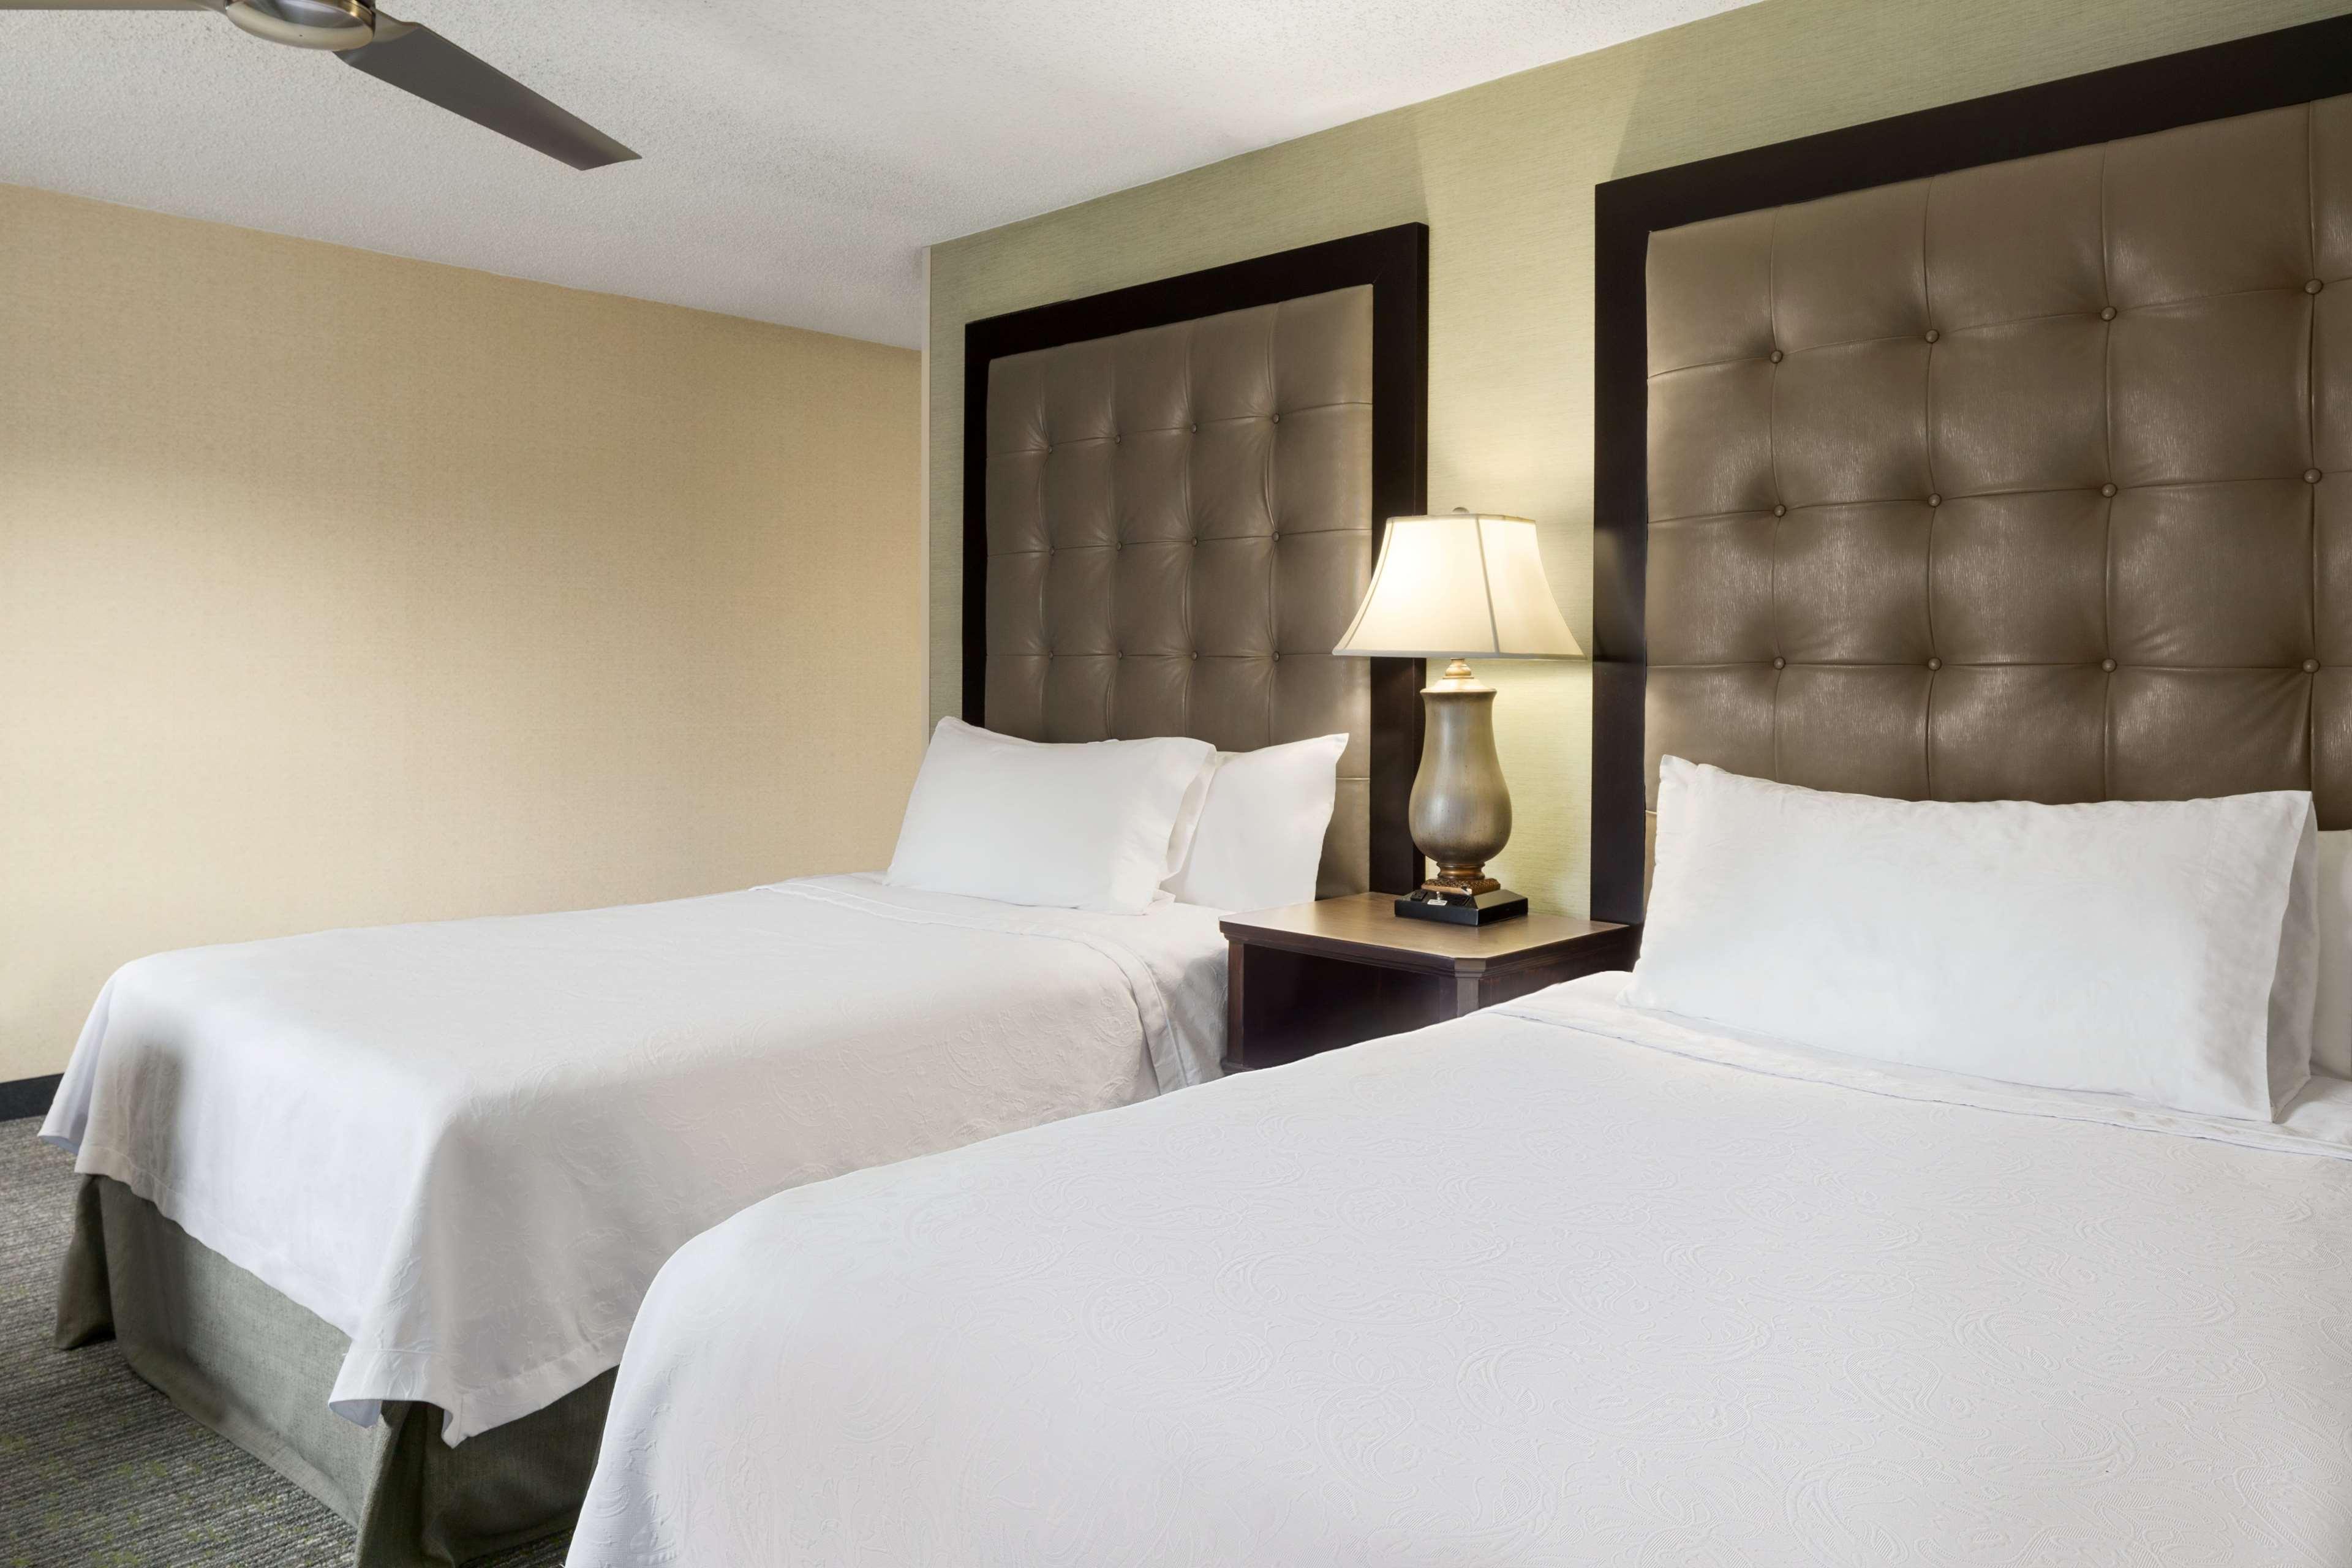 Homewood Suites by Hilton - Boulder image 18